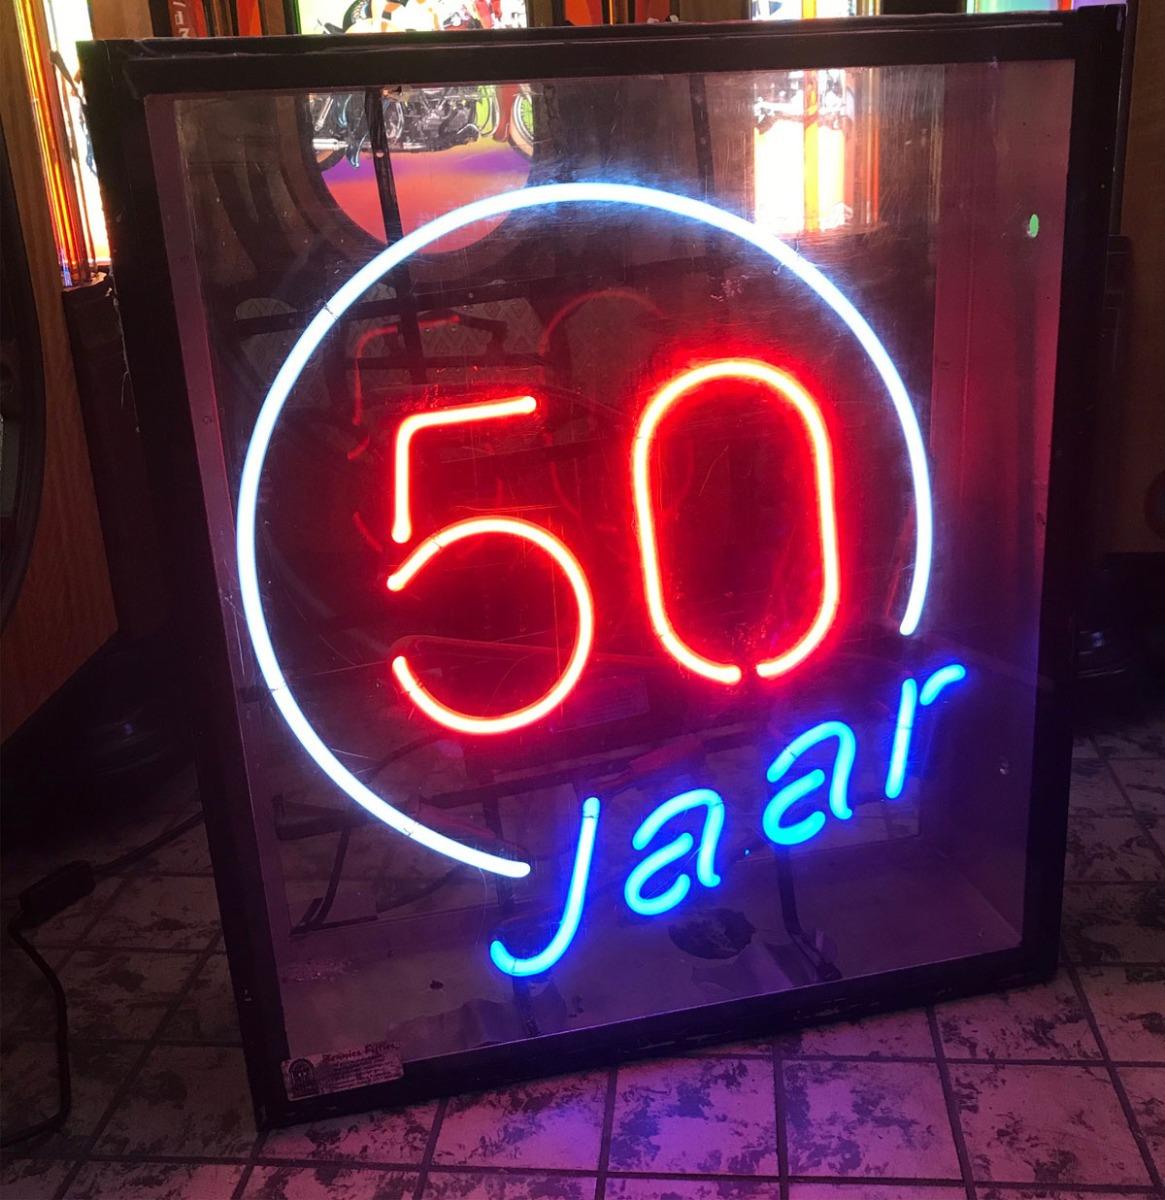 50 Jaar Neon Verlichting - Oud Model In Bak